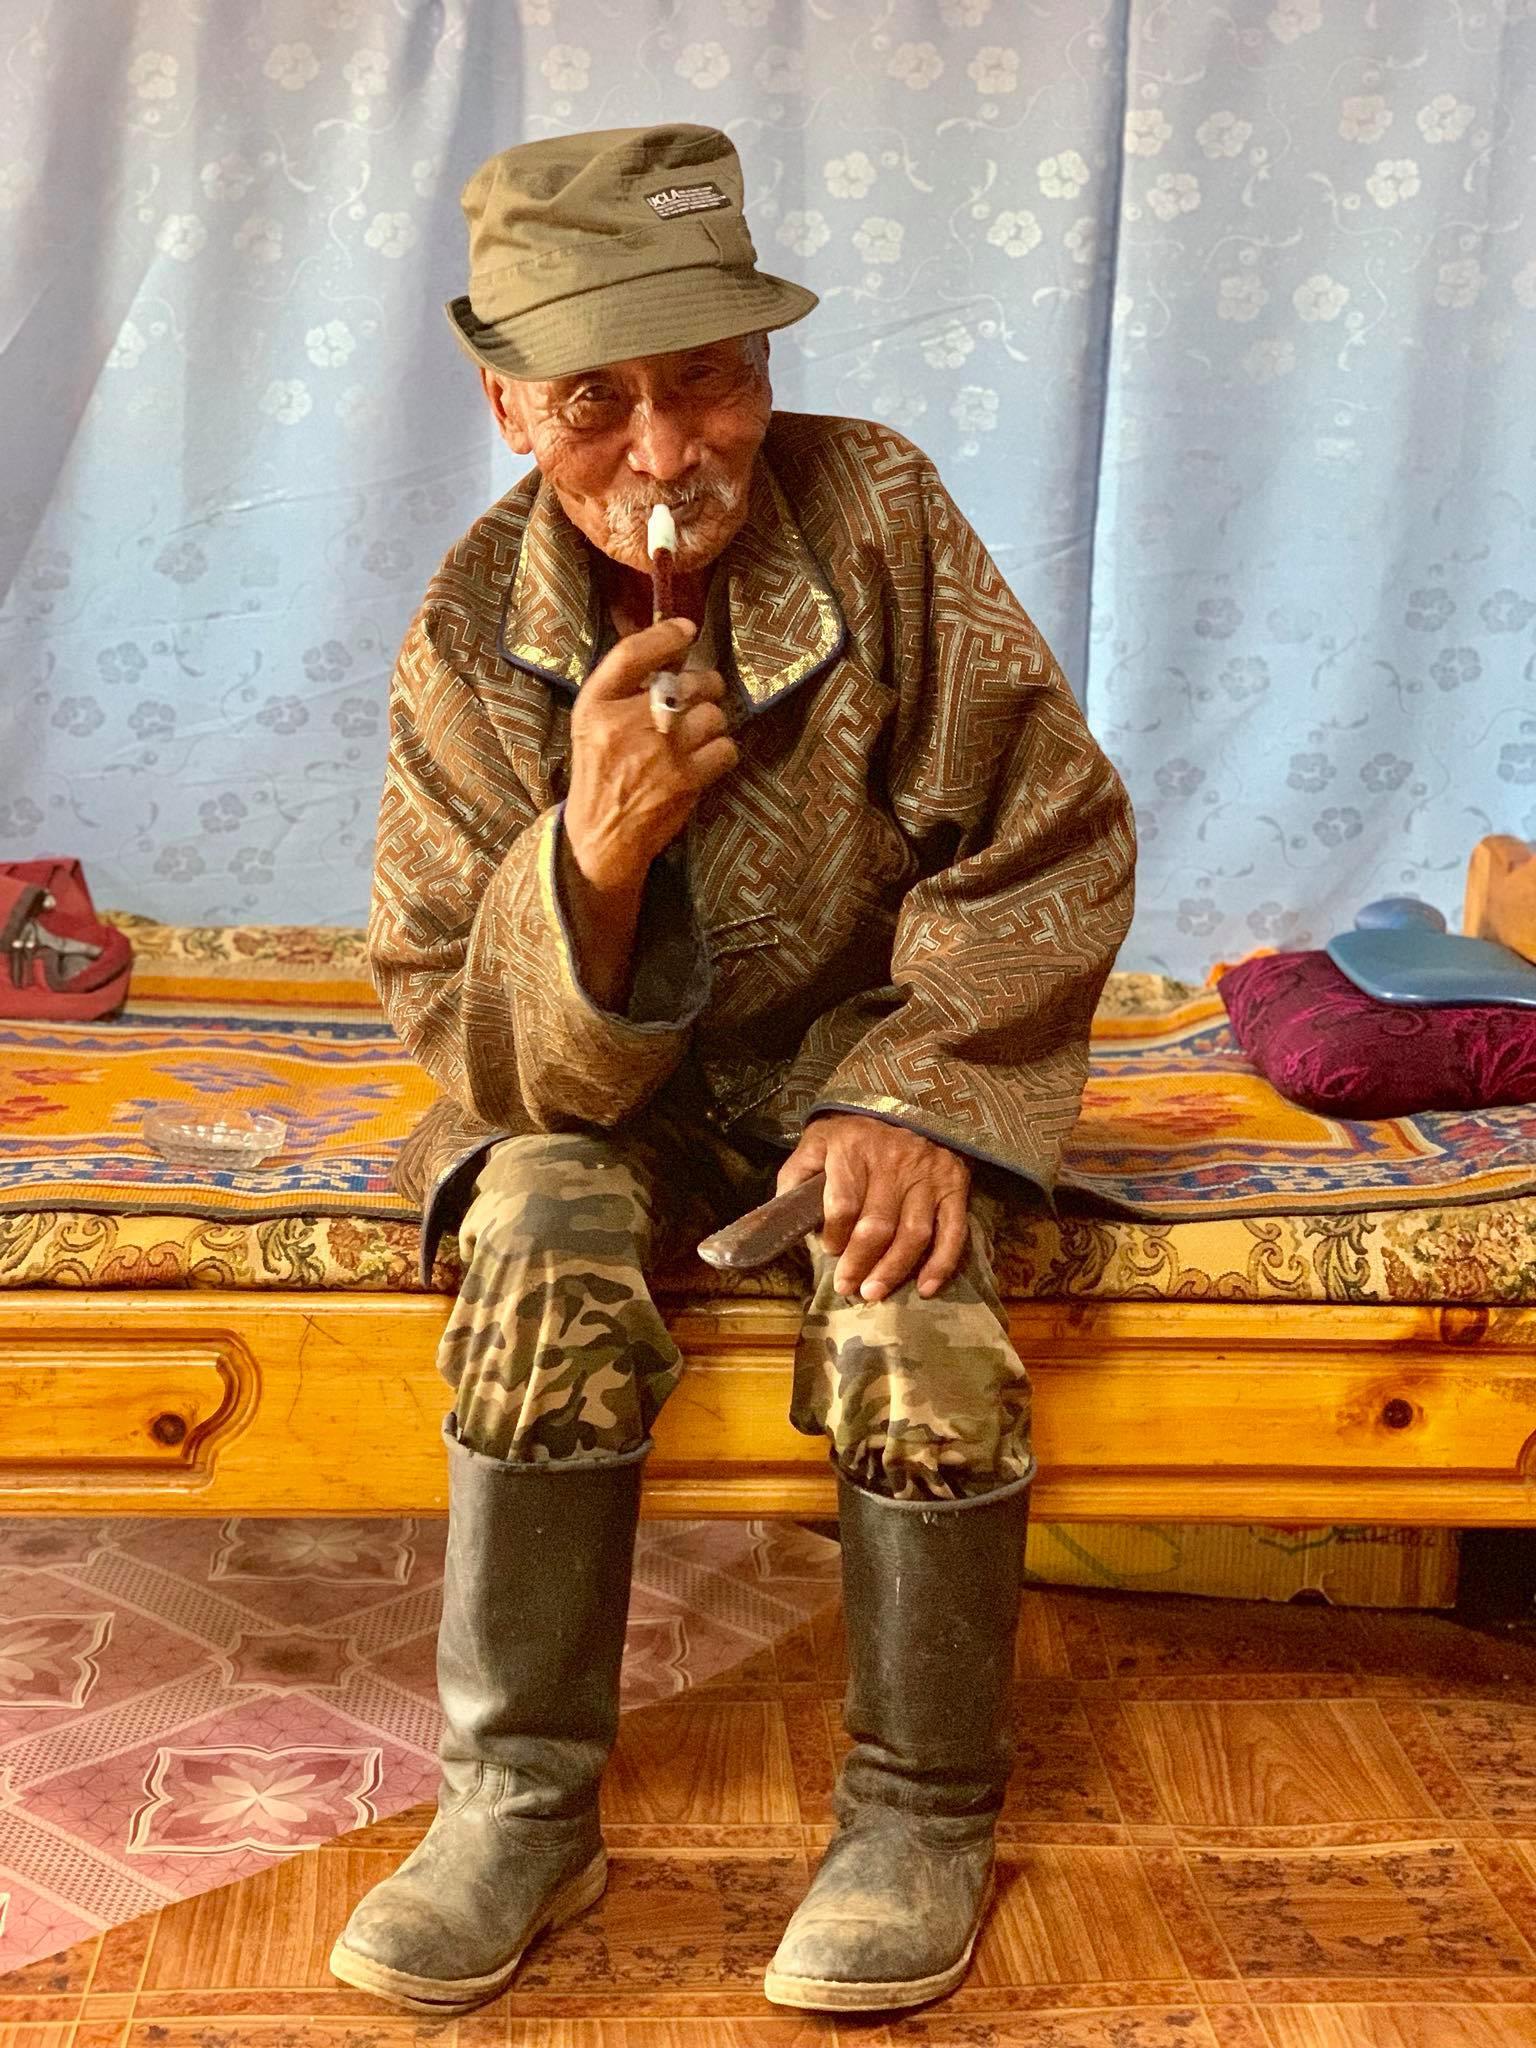 Kach Solo Travels in 2019 Nomadic family in Elsen Tasarkhai38.jpg